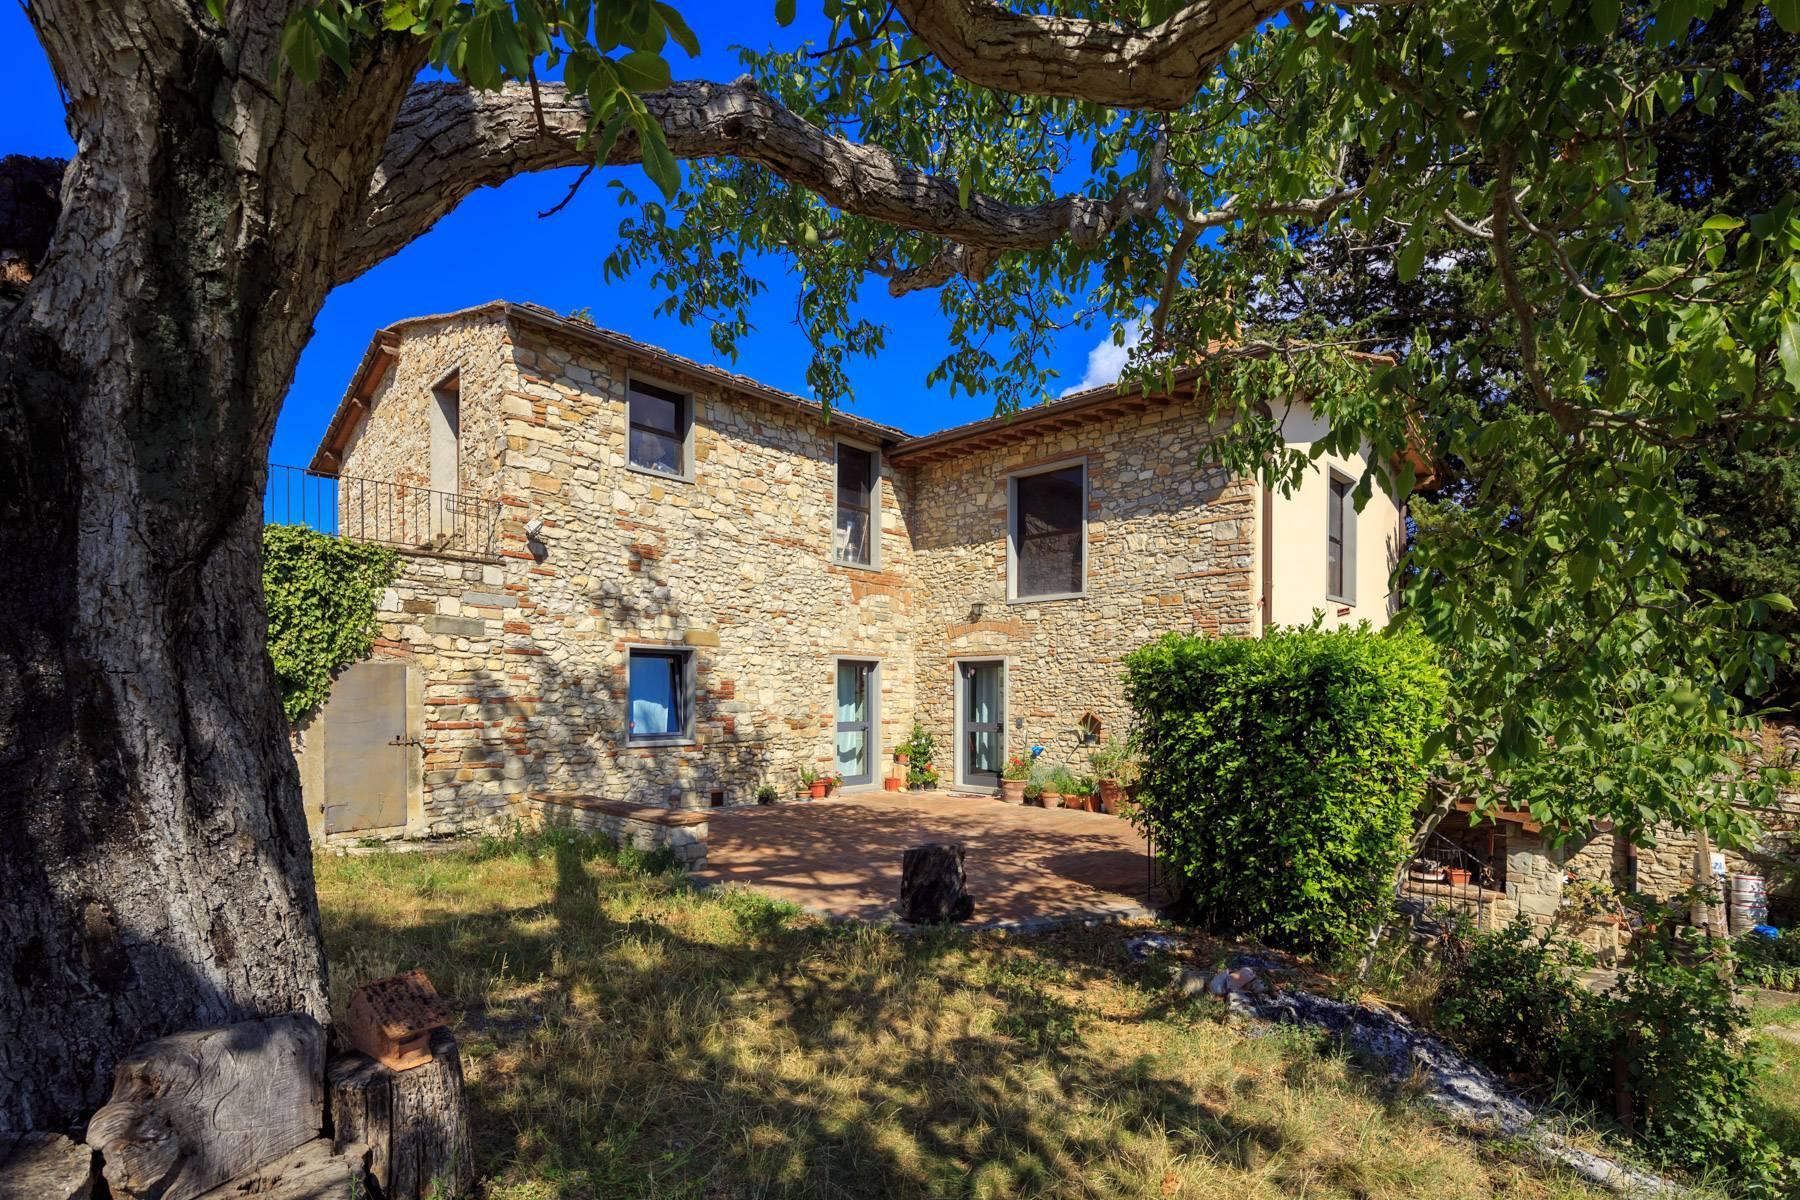 Grande villa antica con oliveto a 10 minuti da Firenze - 18